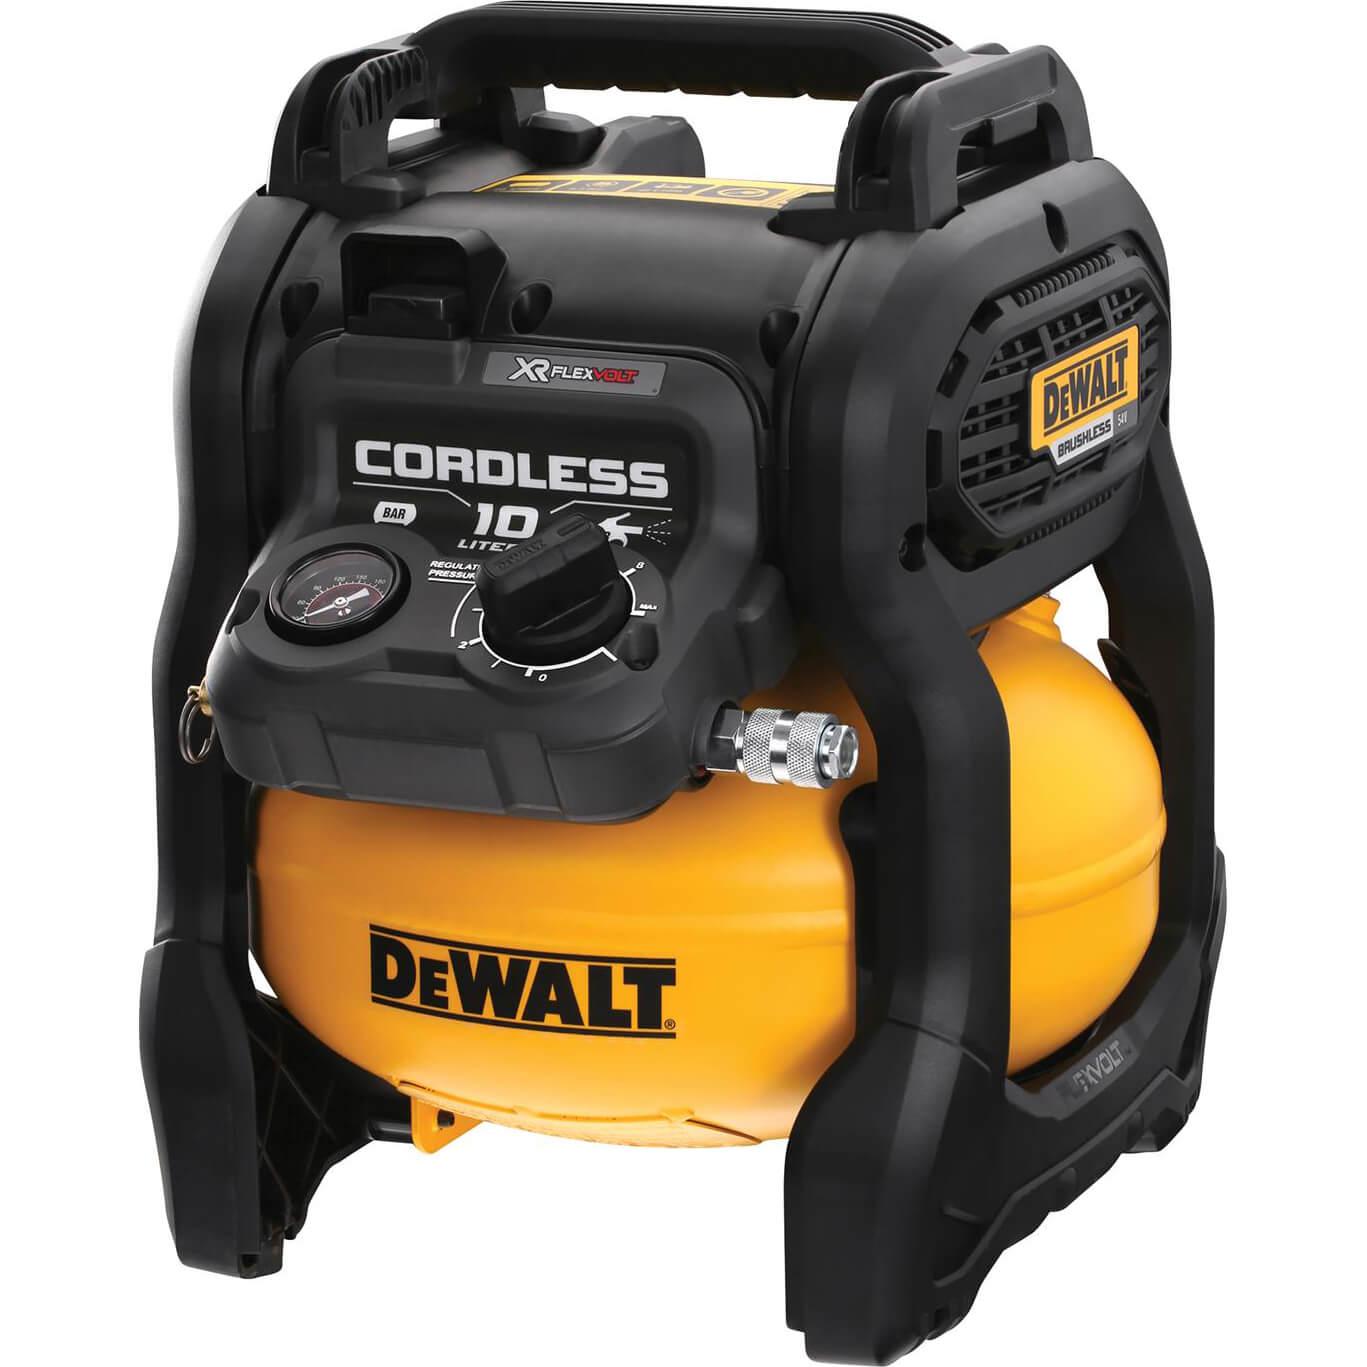 Image of DeWalt DCC1054 54v Cordless XR FLEXVOLT Air Compressor No Batteries No Charger No Case